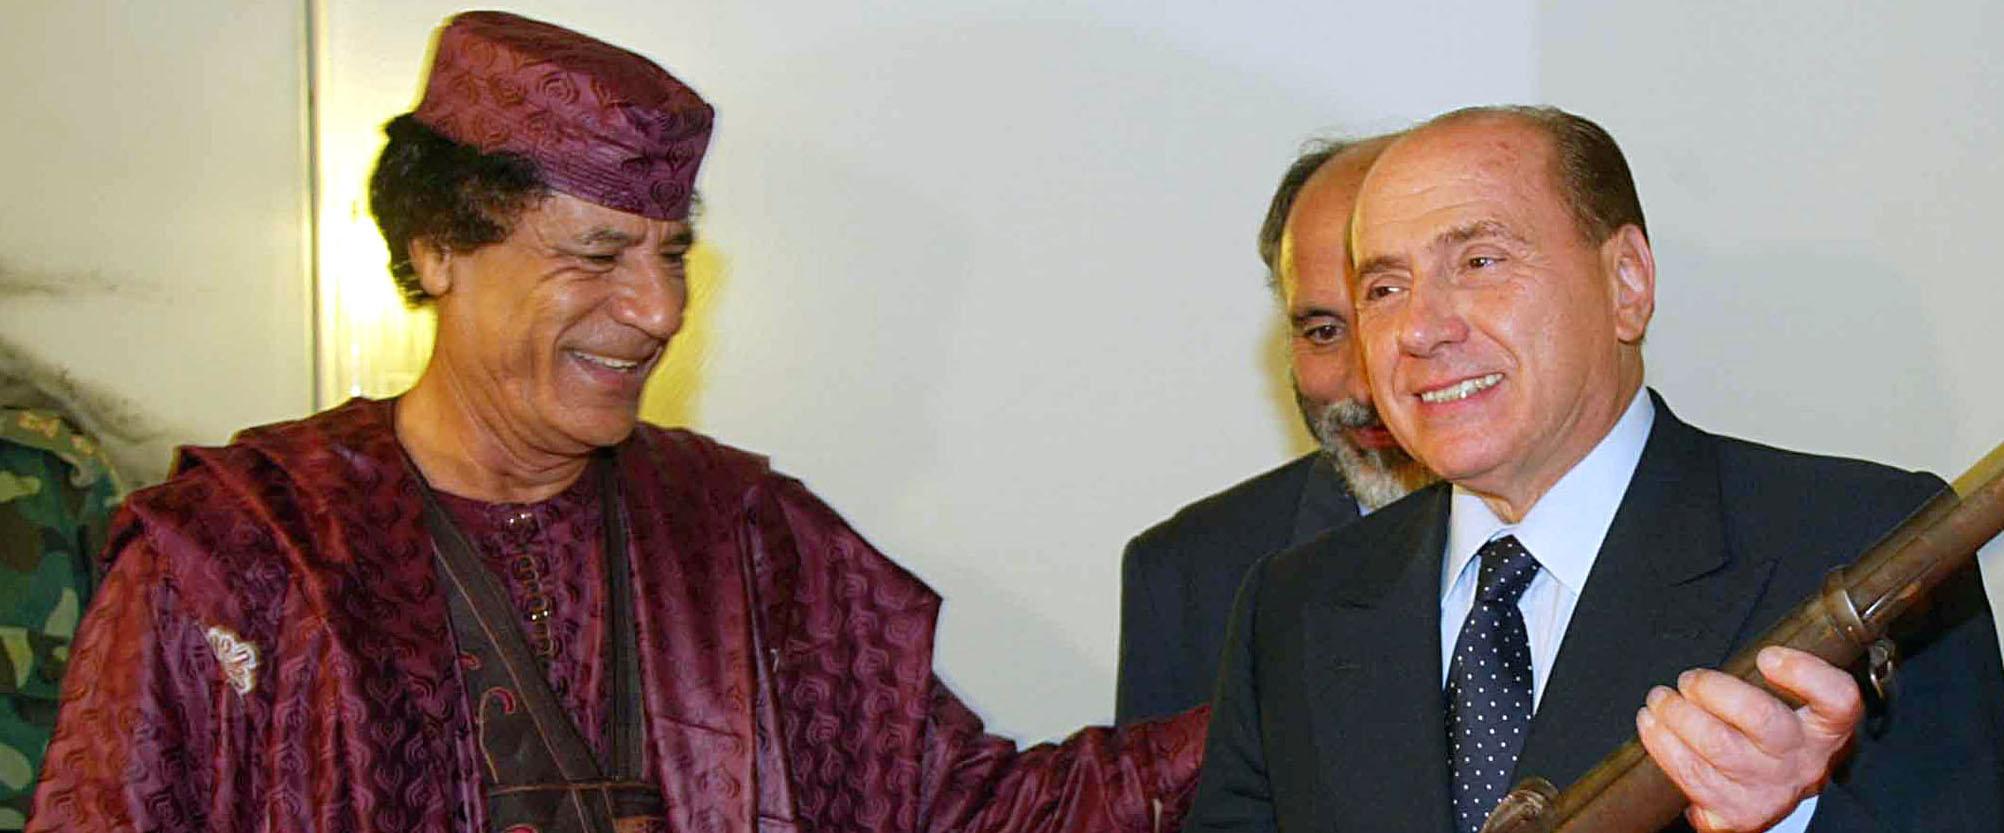 Gheddafi e Berlusconi in LIbia